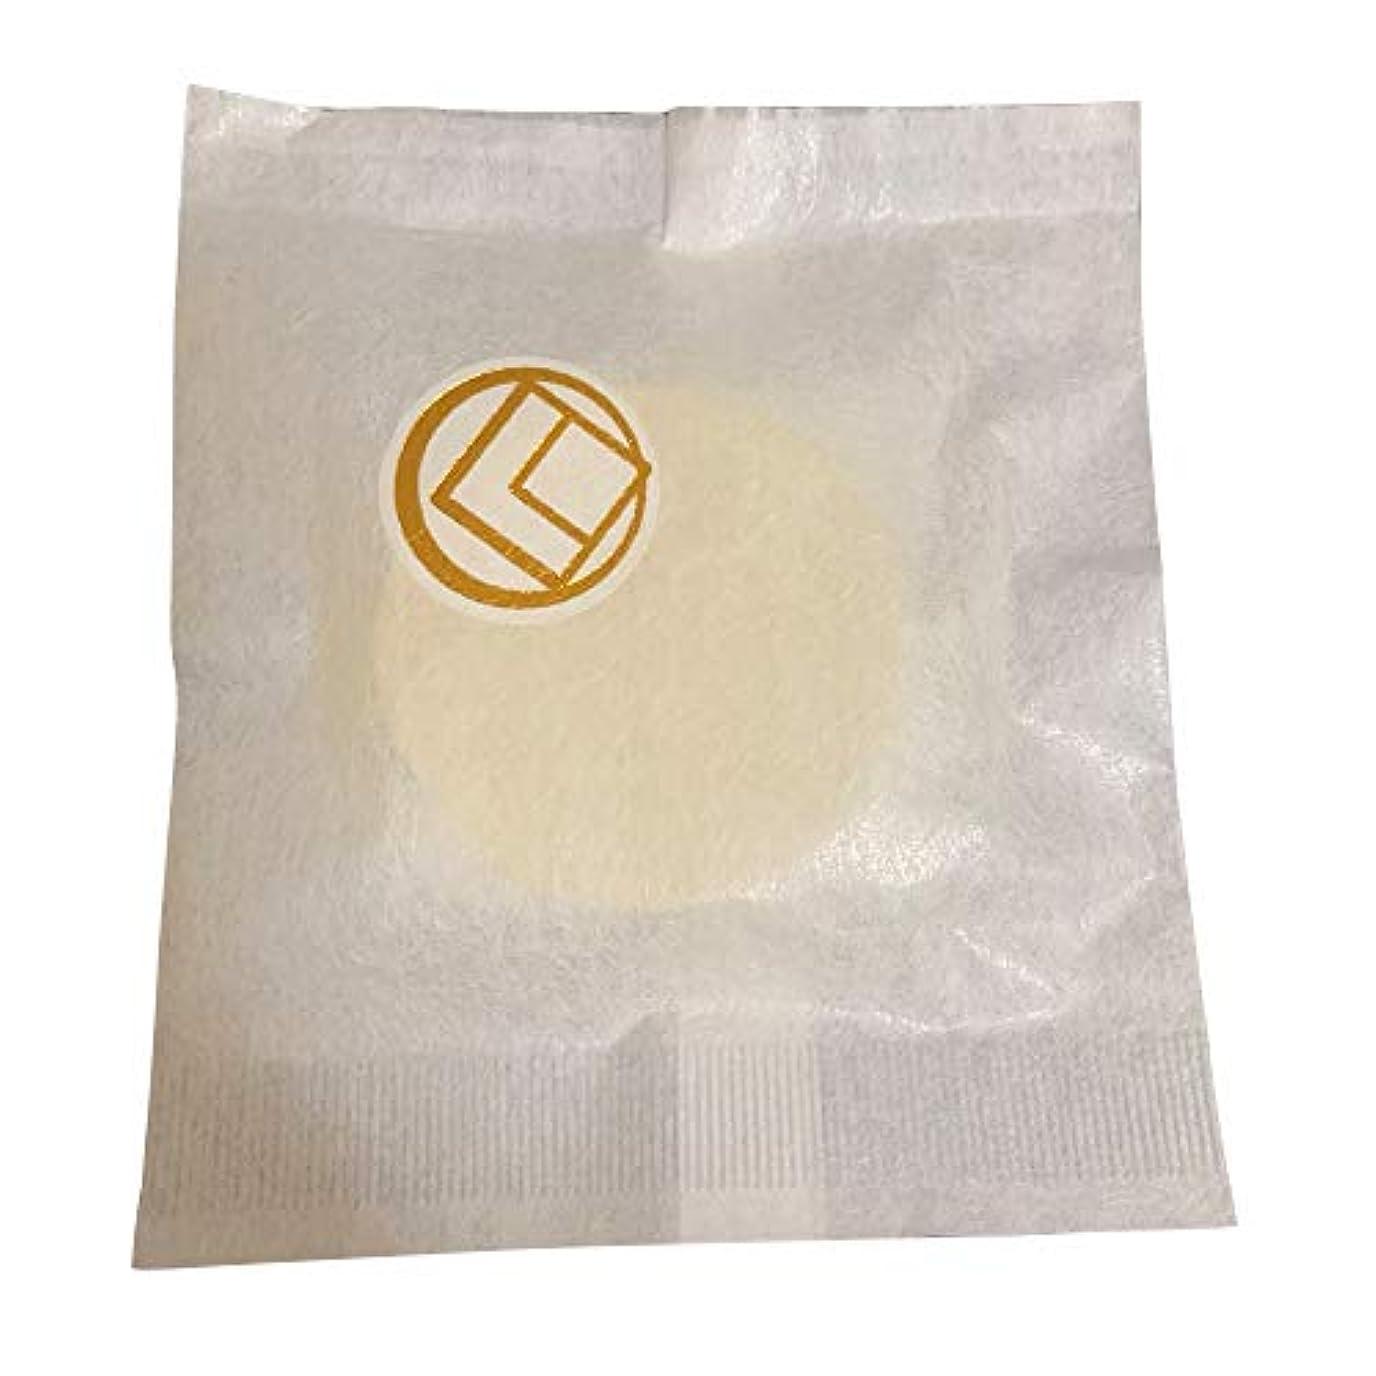 前に指標実行する【肌断食専用】美塩(うつくしお)メイク落とし石鹸